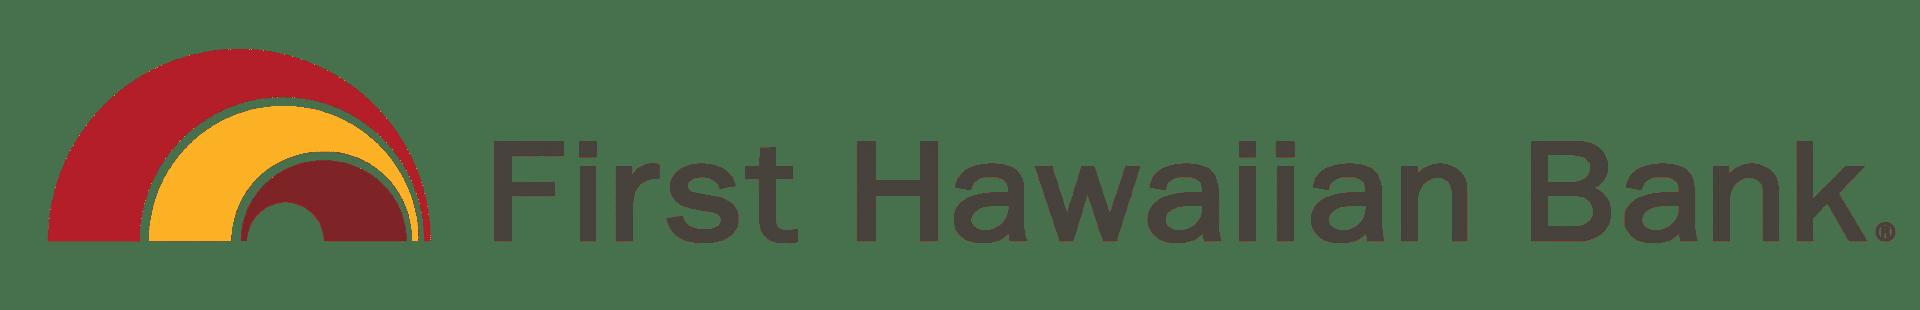 First Hawaiian Bank logo